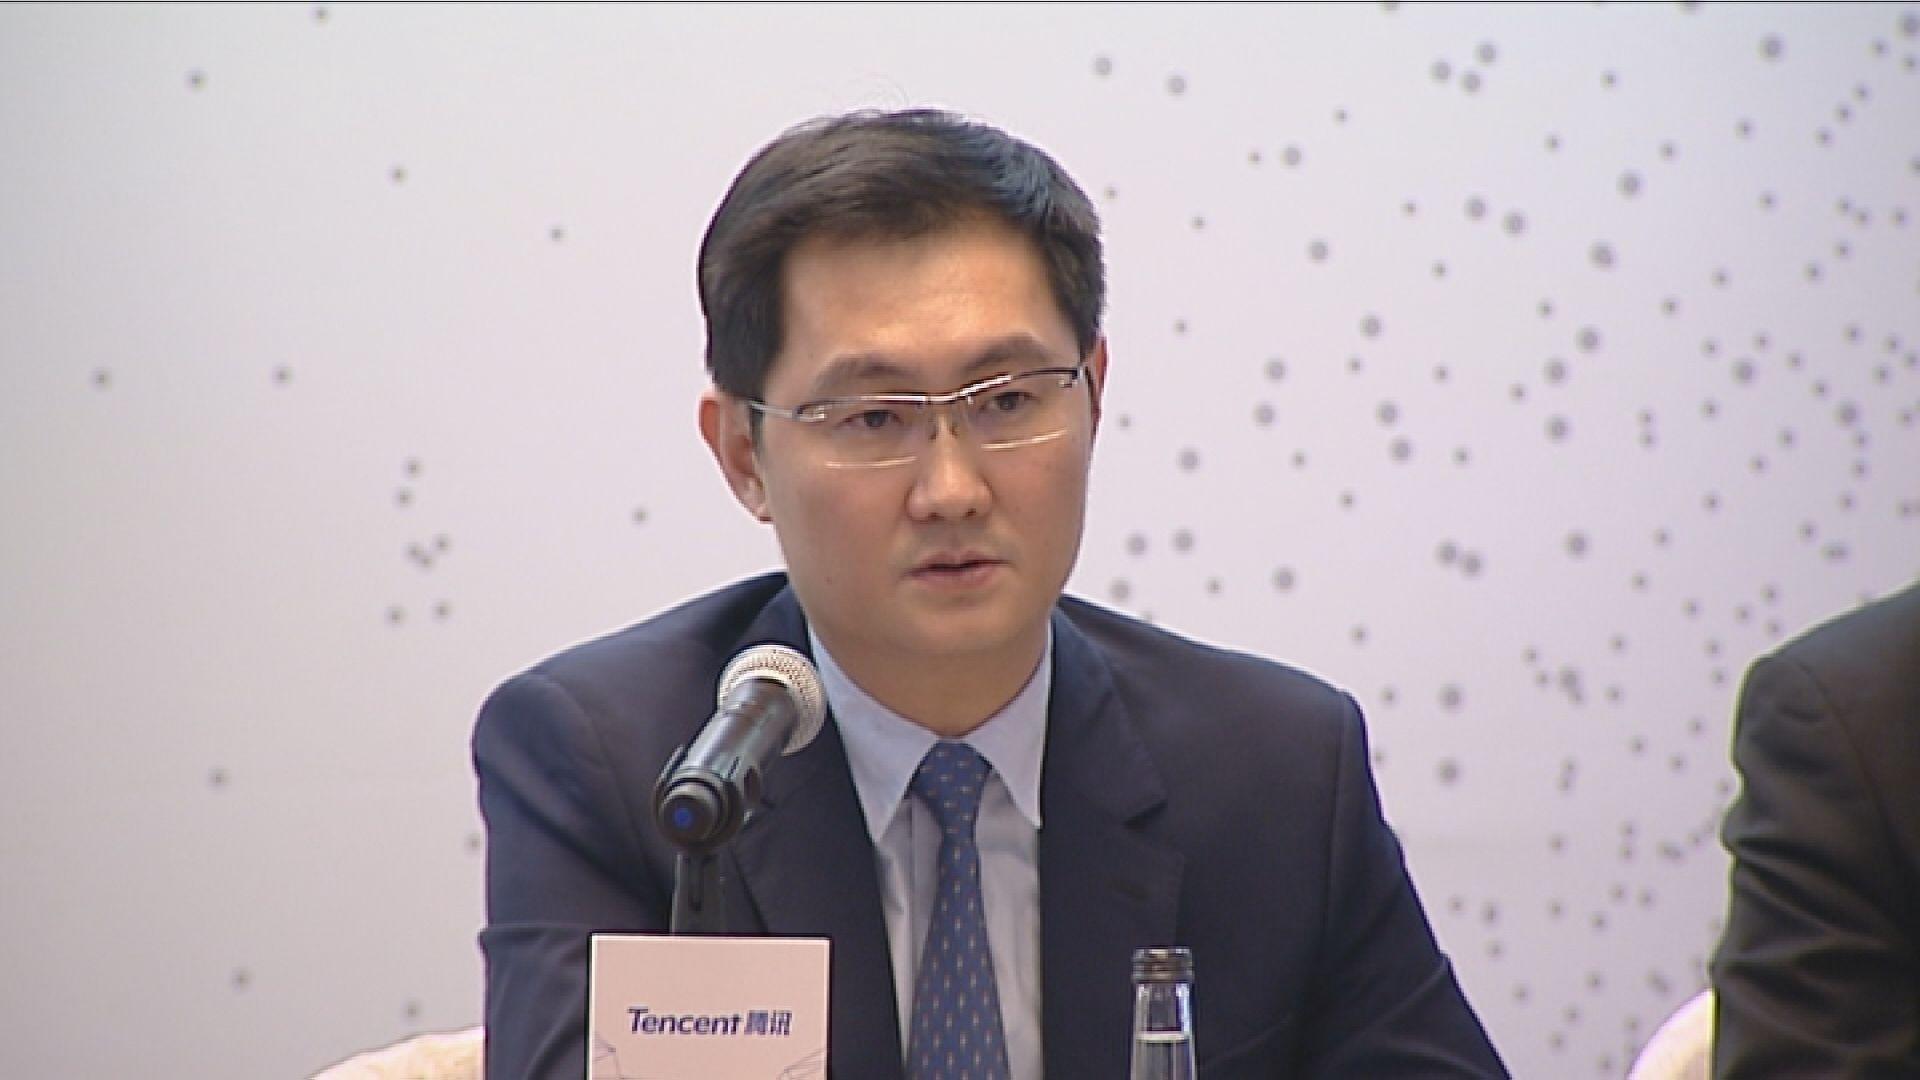 【官媒專訪】馬化騰:騰訊價值跟國家利益方向一致